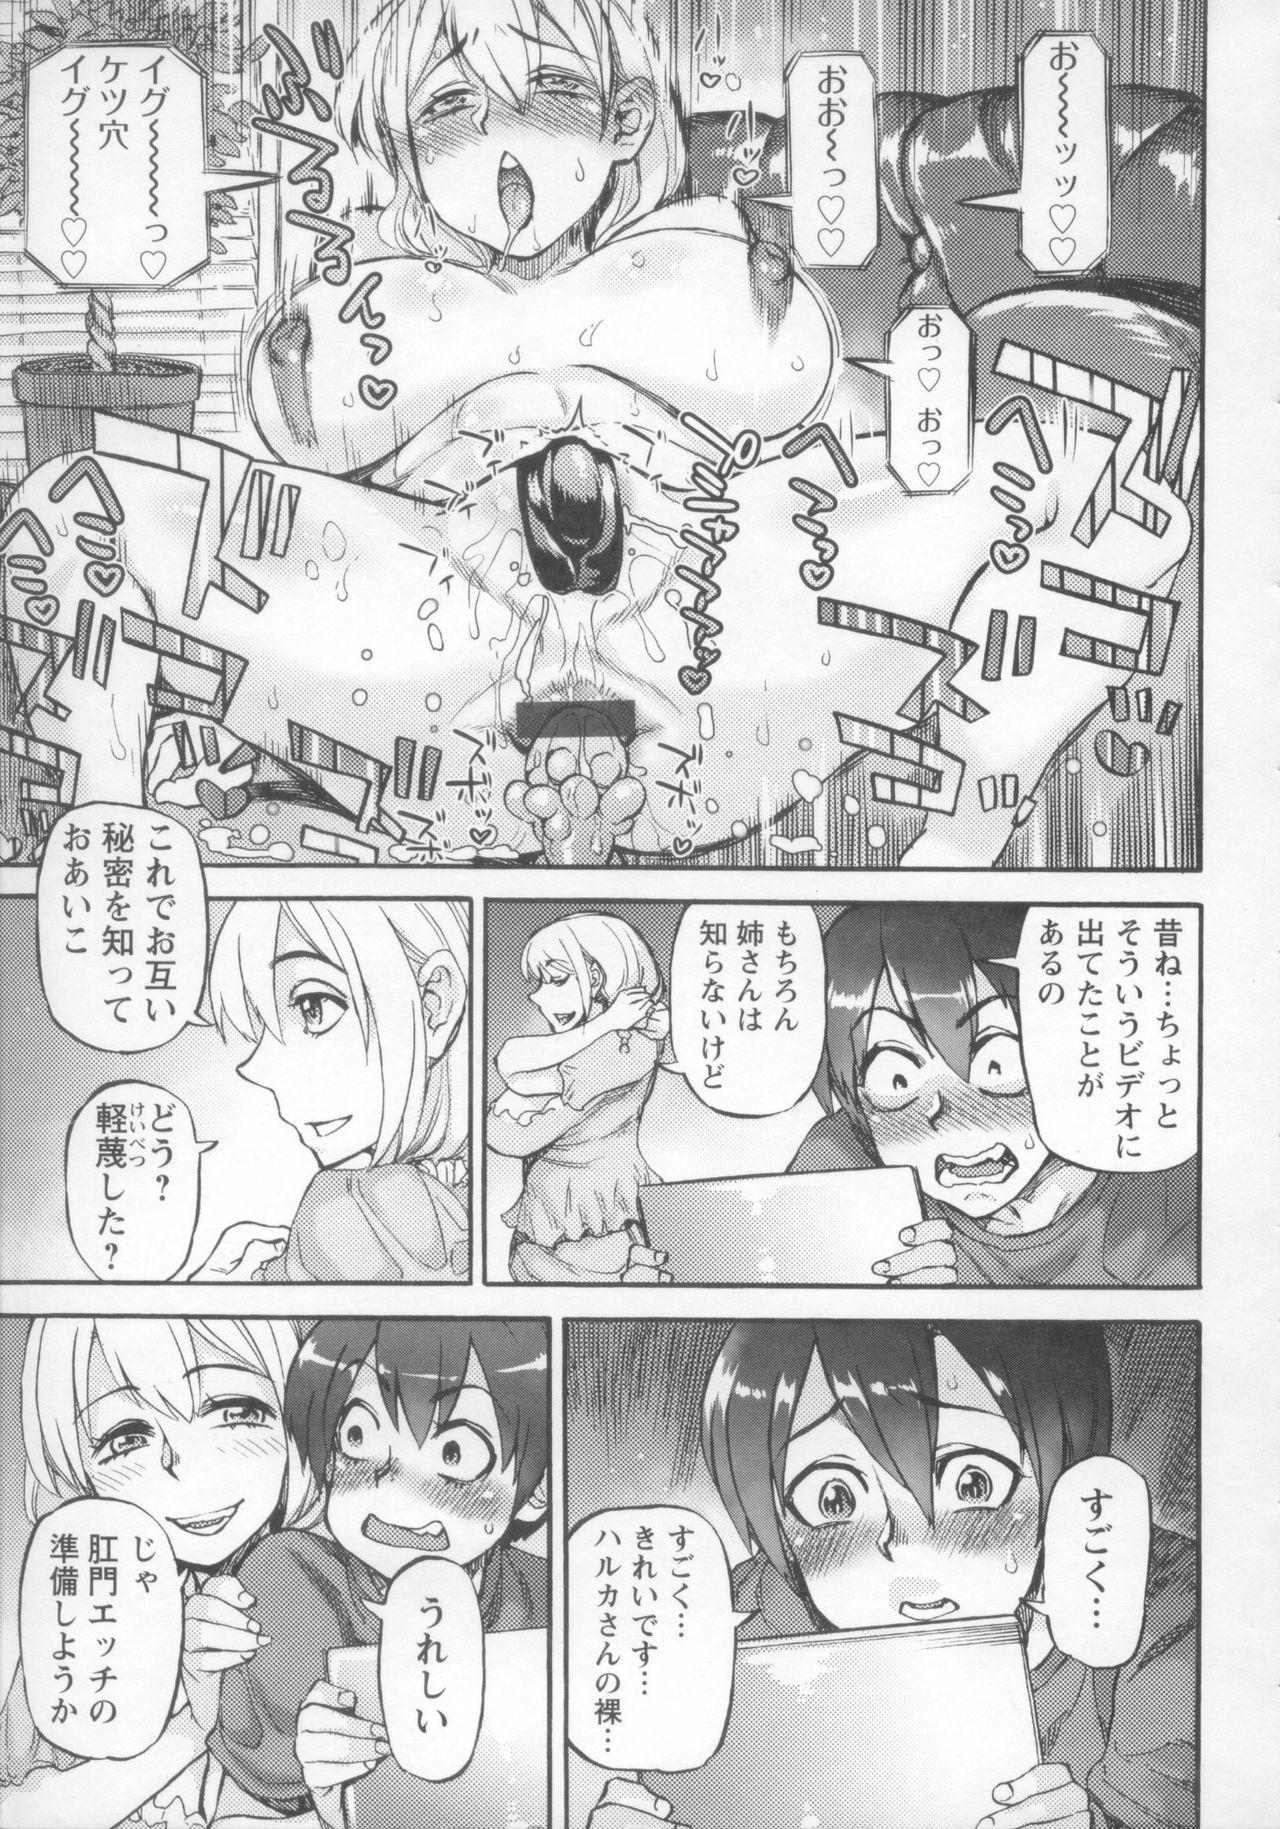 Natsukaze wa Yuuwaku no Hajimari 4